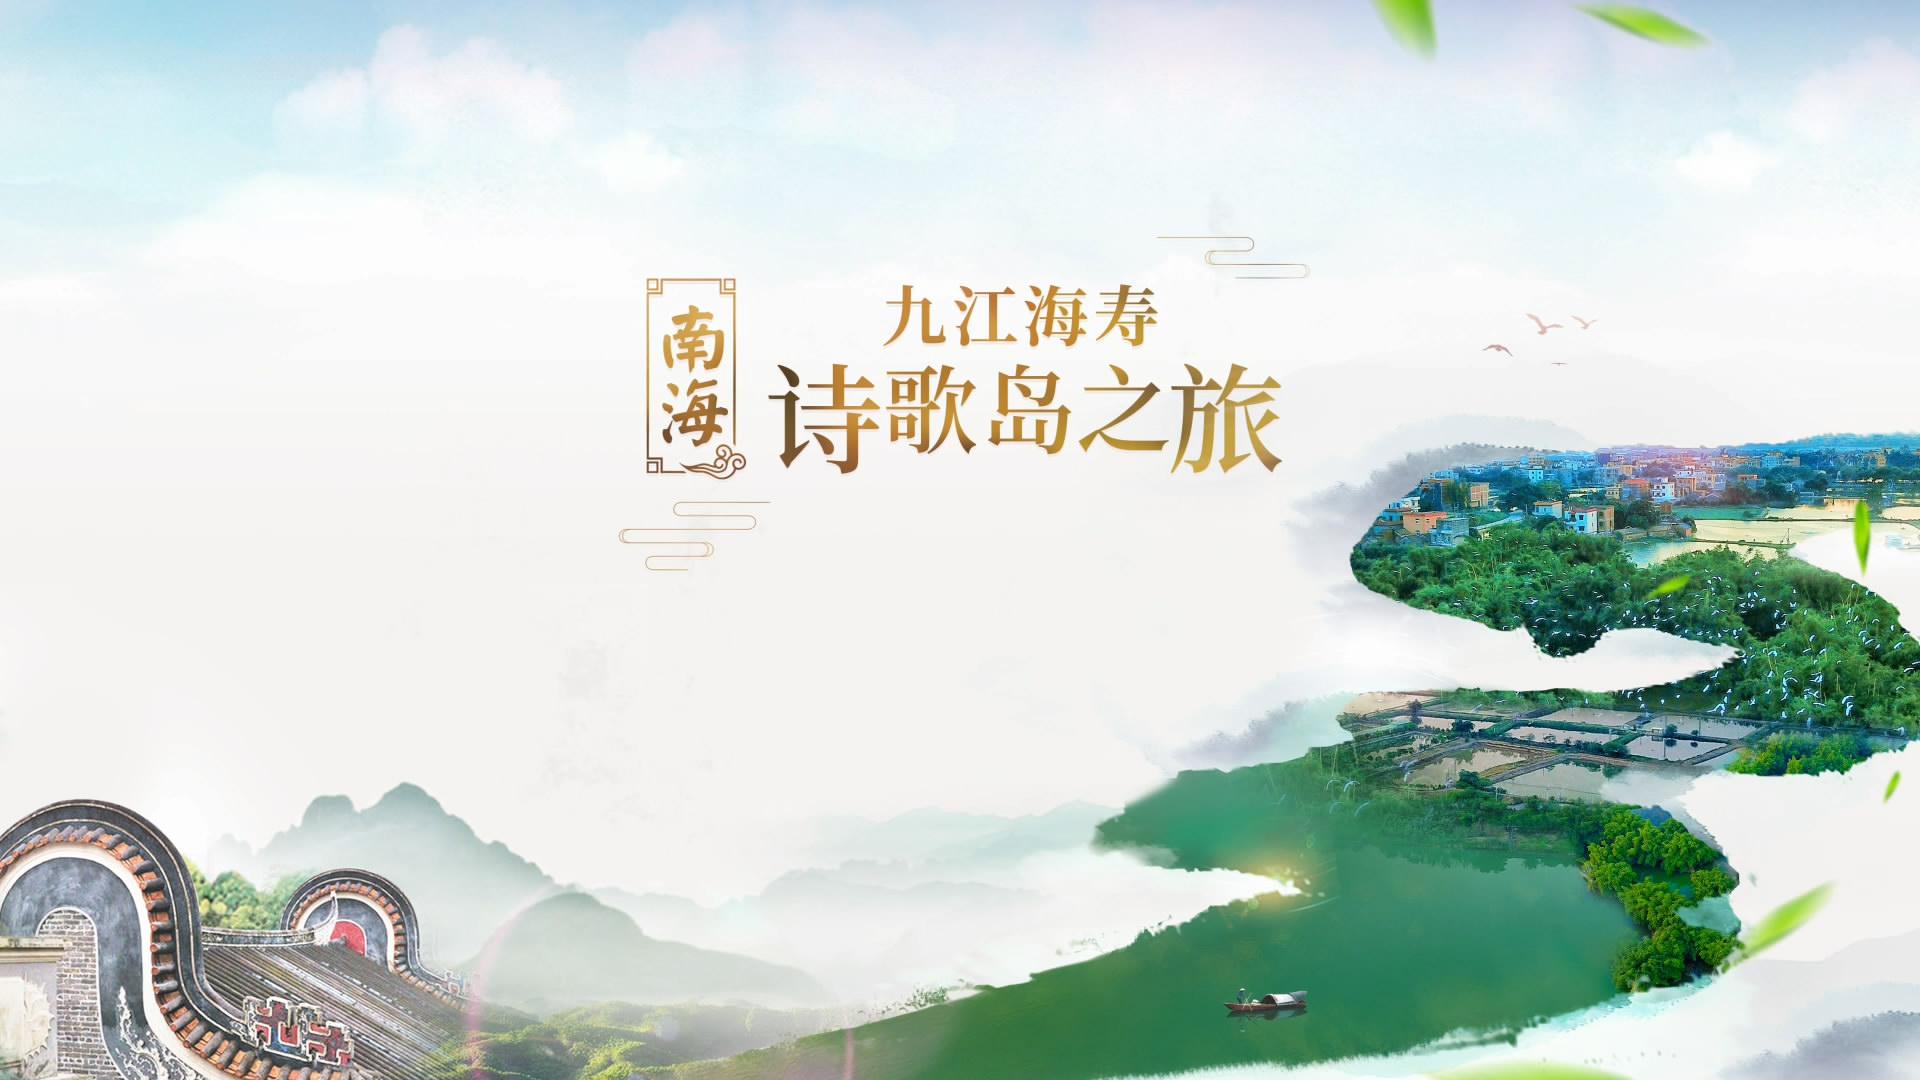 海寿岛诗歌岛之旅[00_00_04][20190306-153501-2].JPG